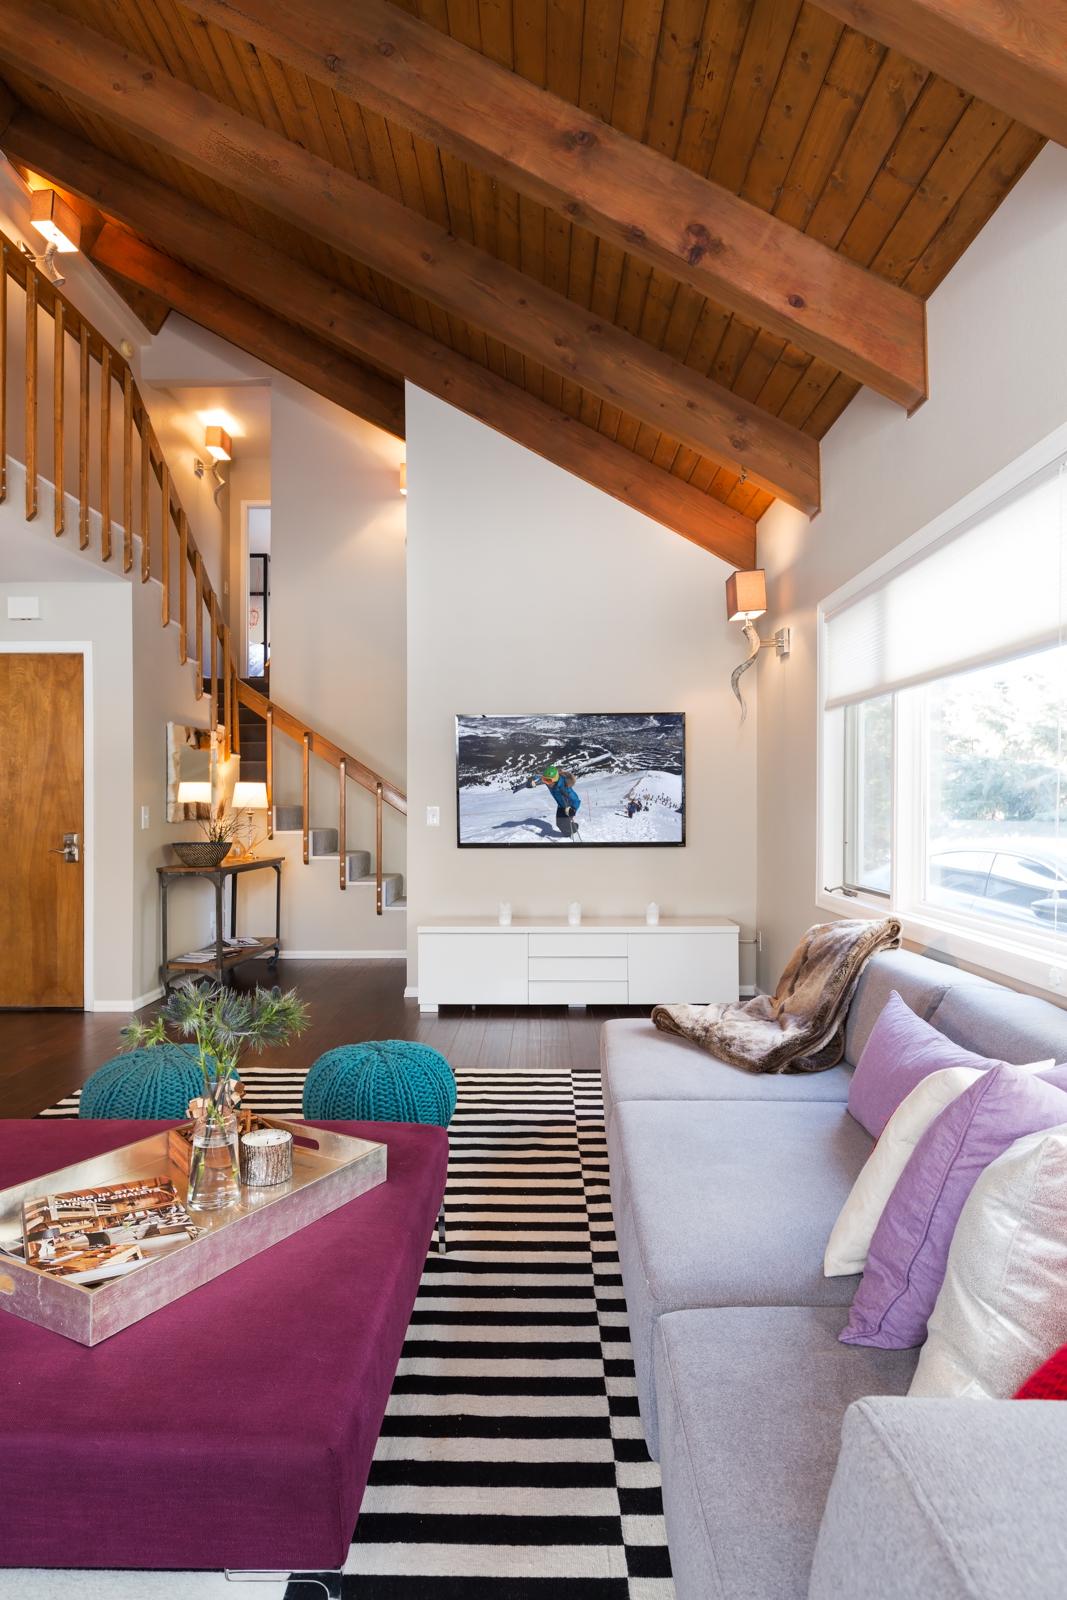 Living_room-4TV-3128704916-O.jpg